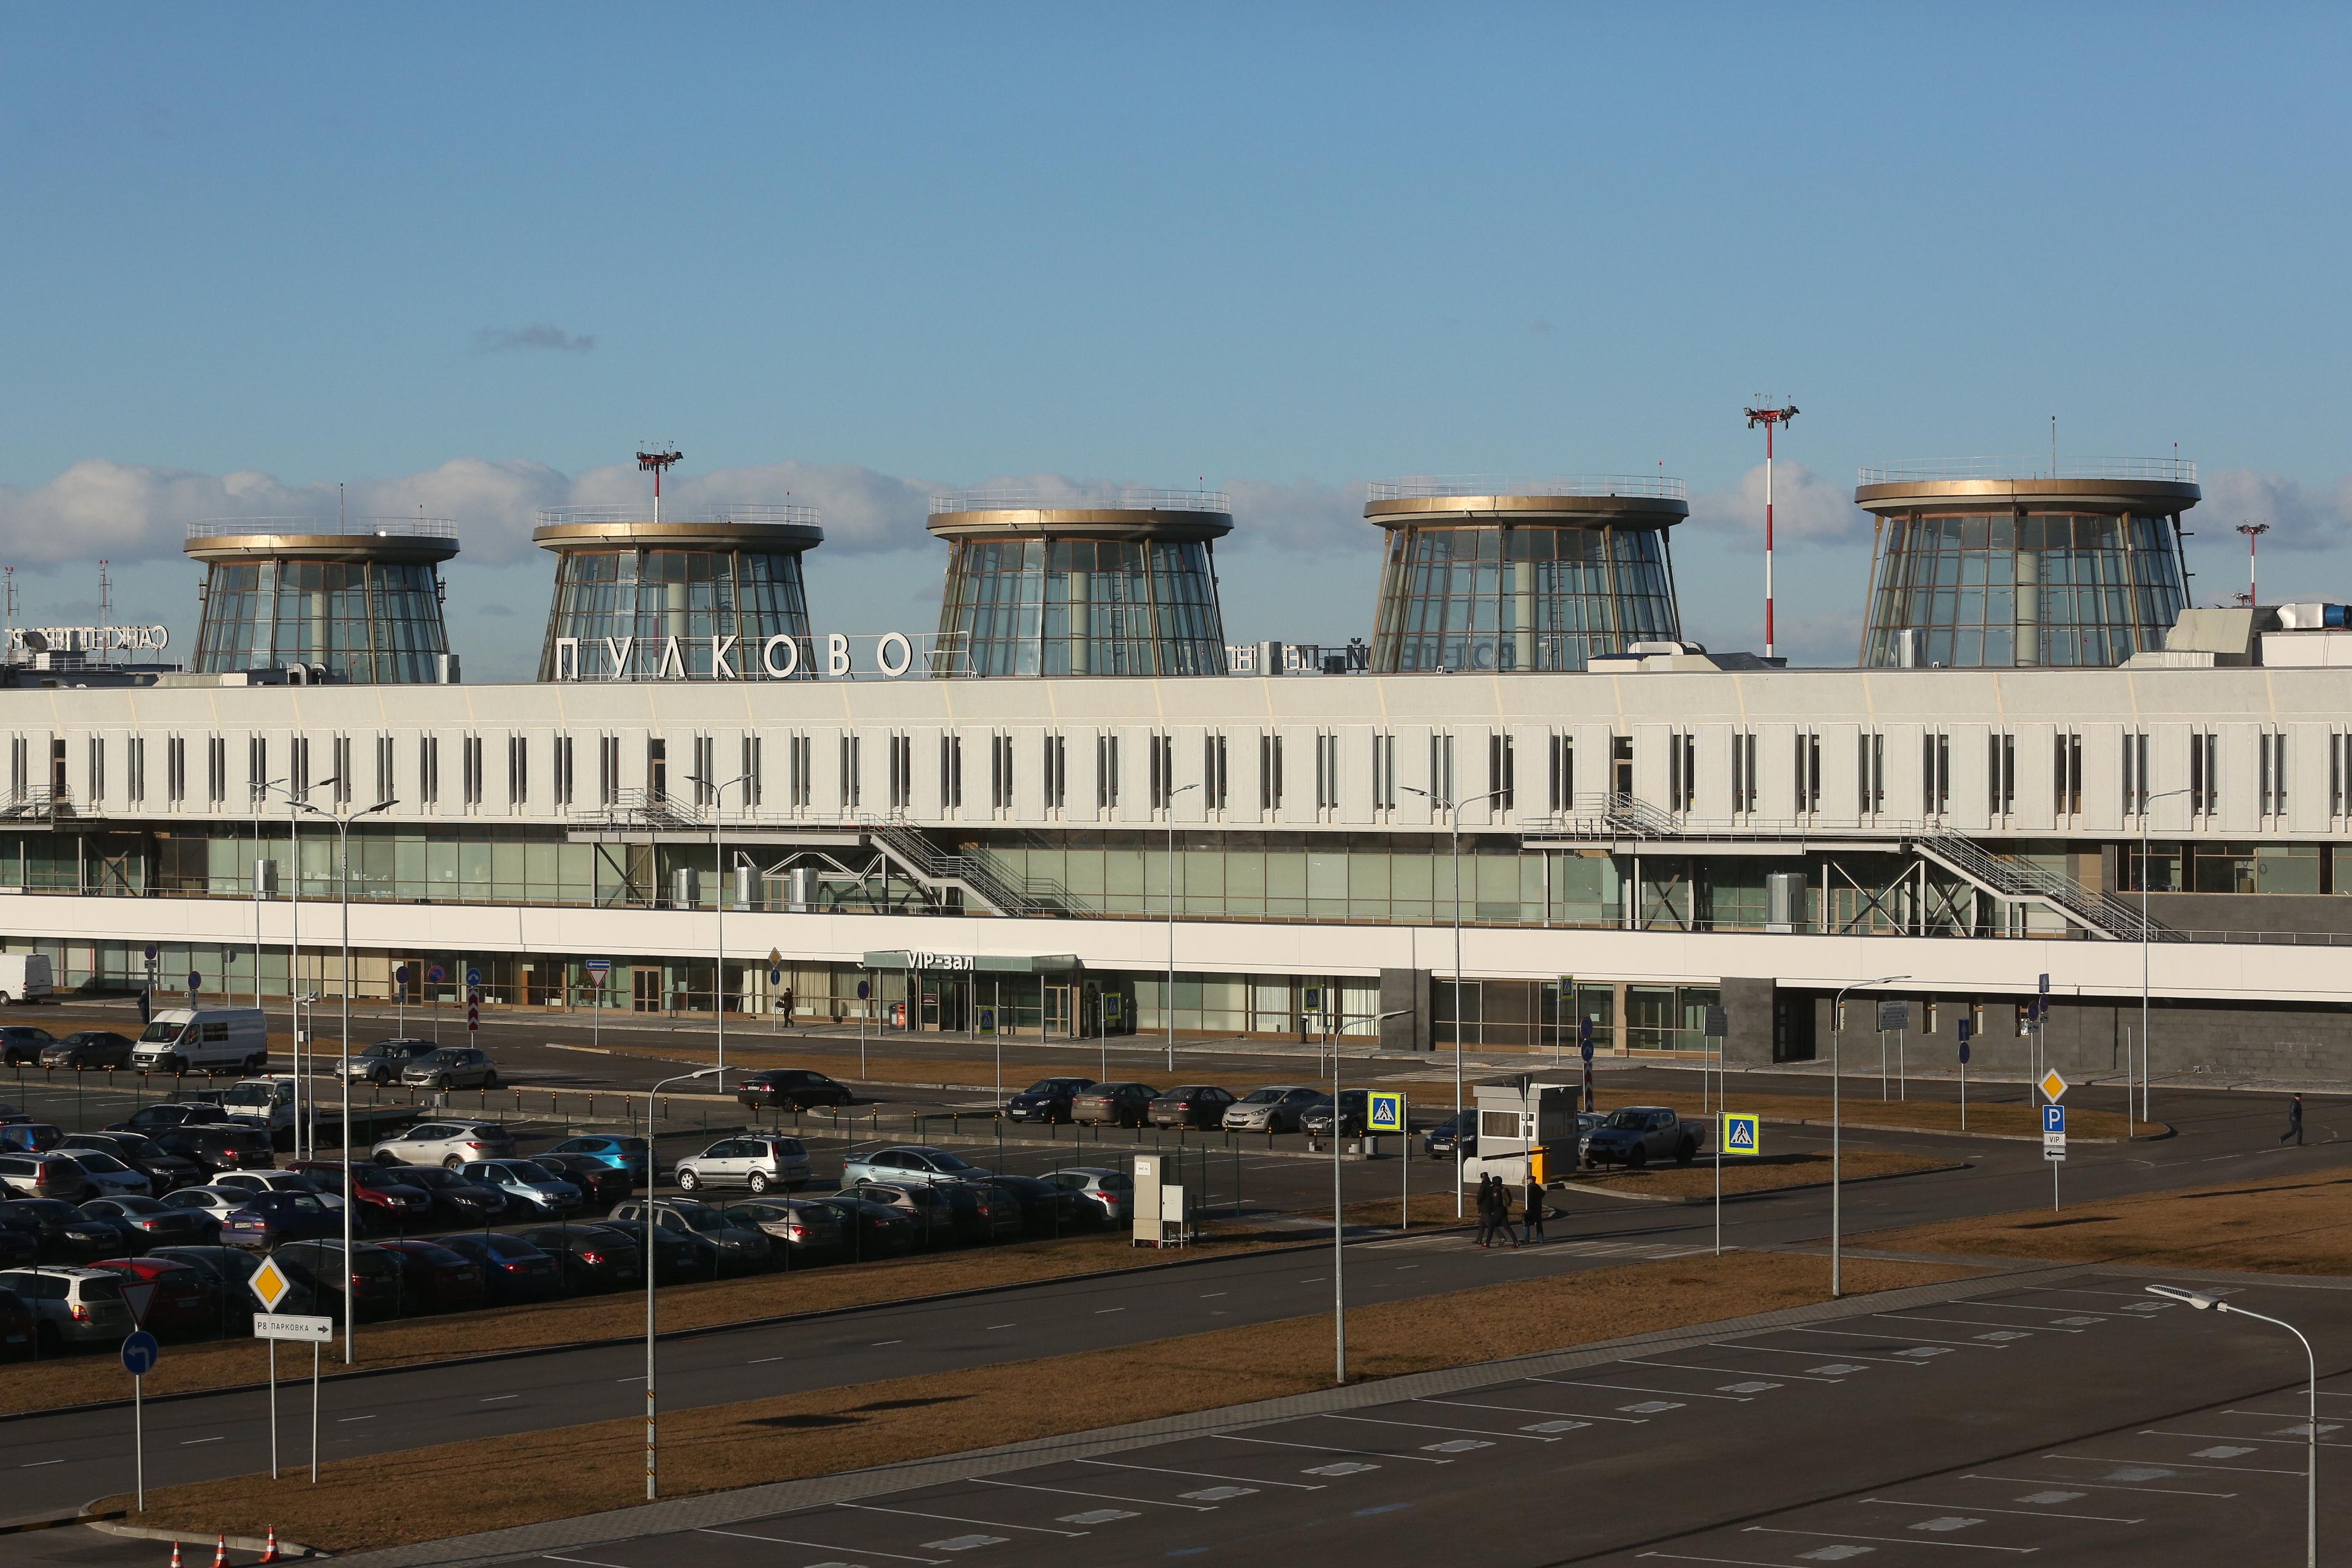 видео схема терминала пулково новый